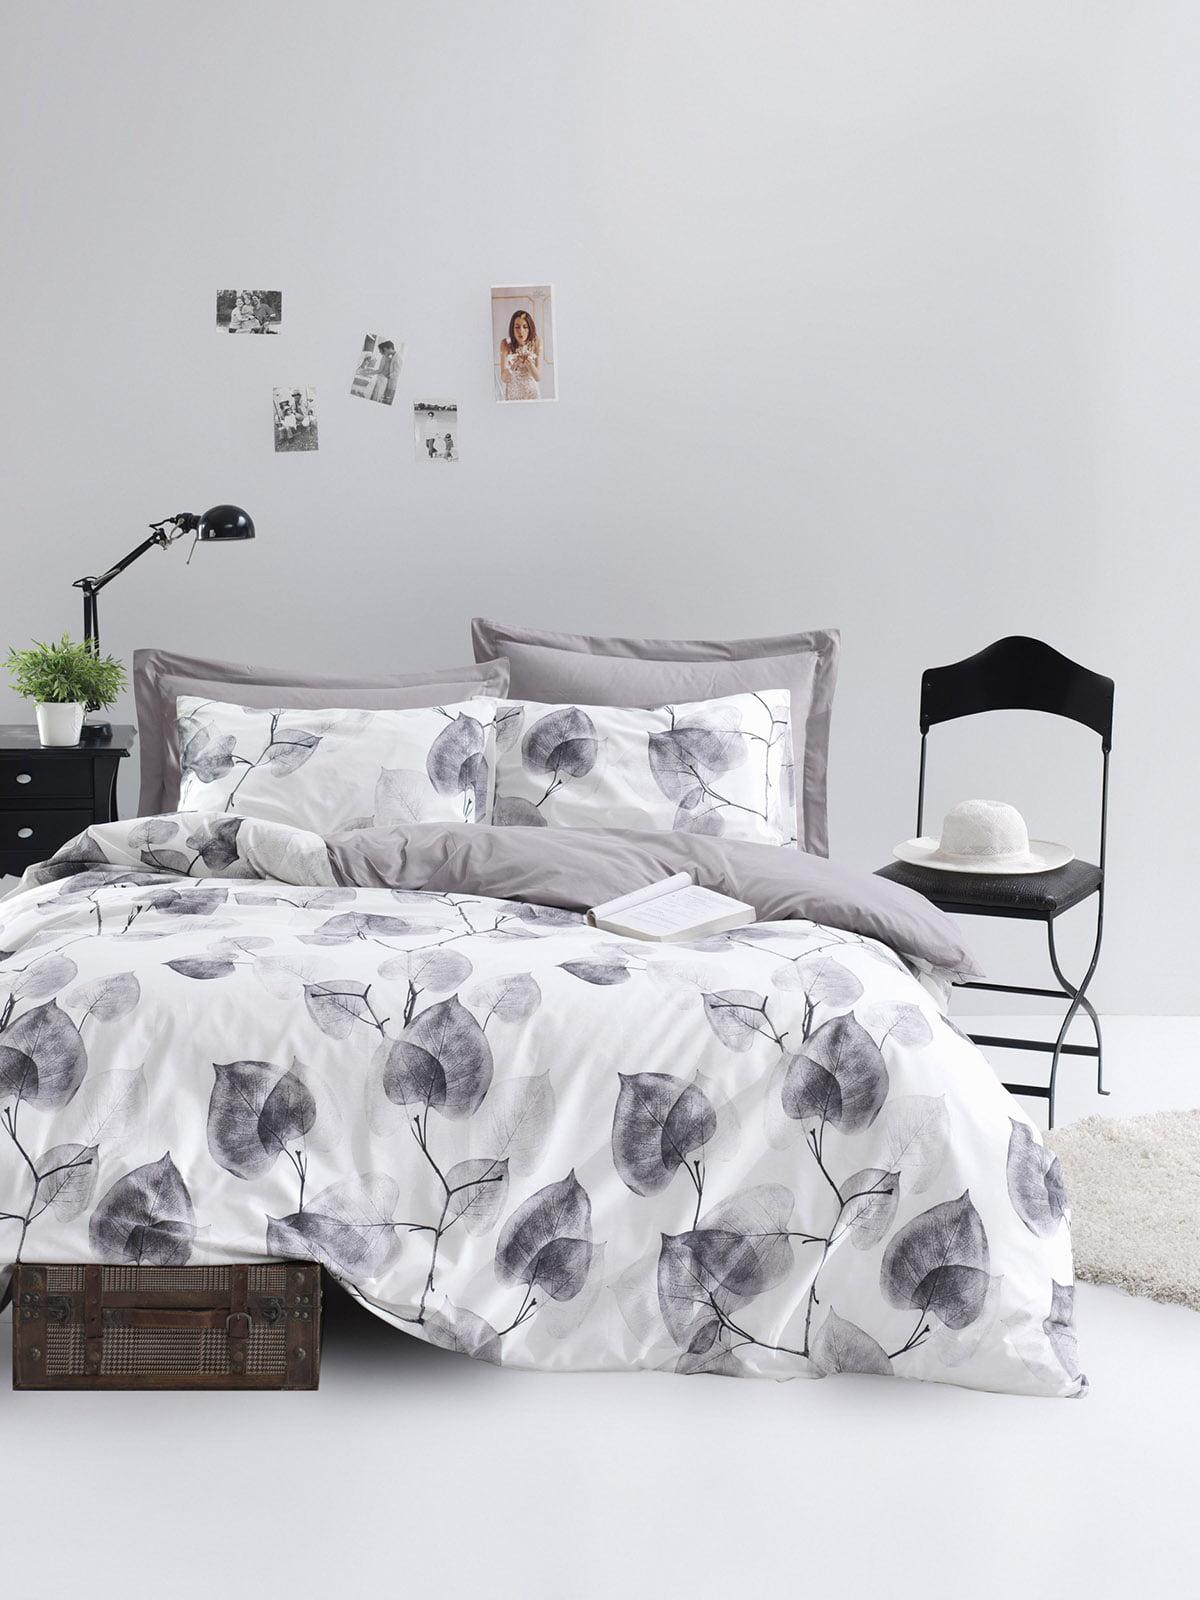 Набор постельного белья: простынь (240х260 см), пододеяльник, наволочки (50х70 см; 2 шт.)   5655704